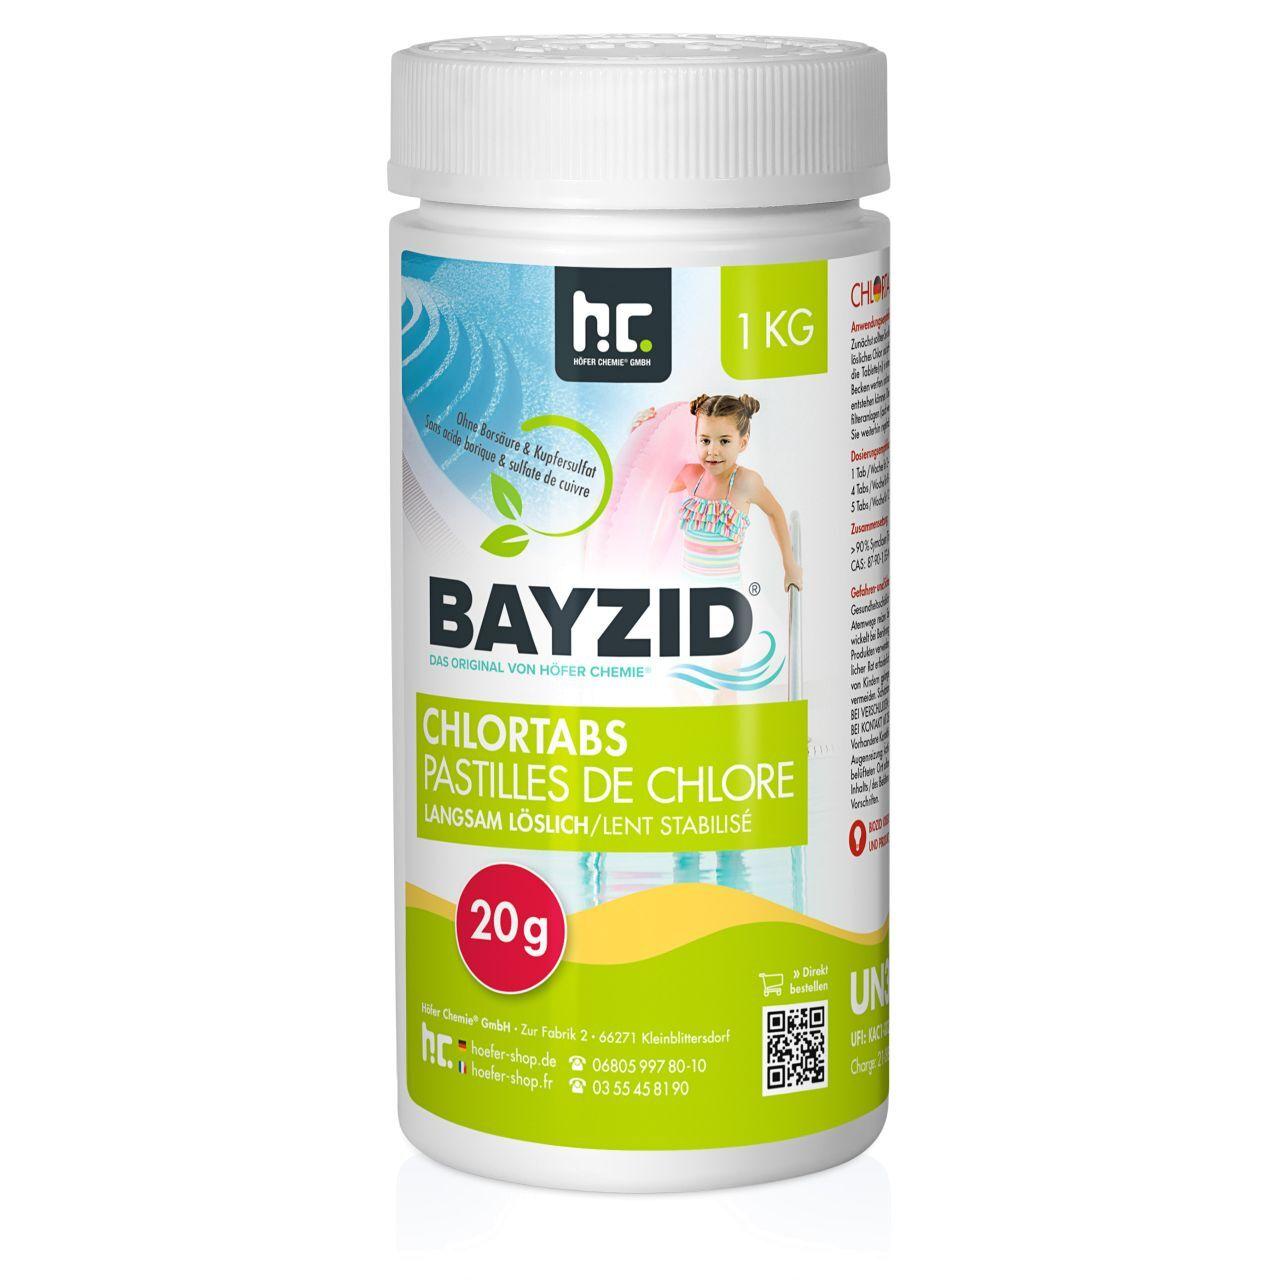 BAYZID 1 kg pastilles de chlore lent soluble 20 g (1 x 1 kg)